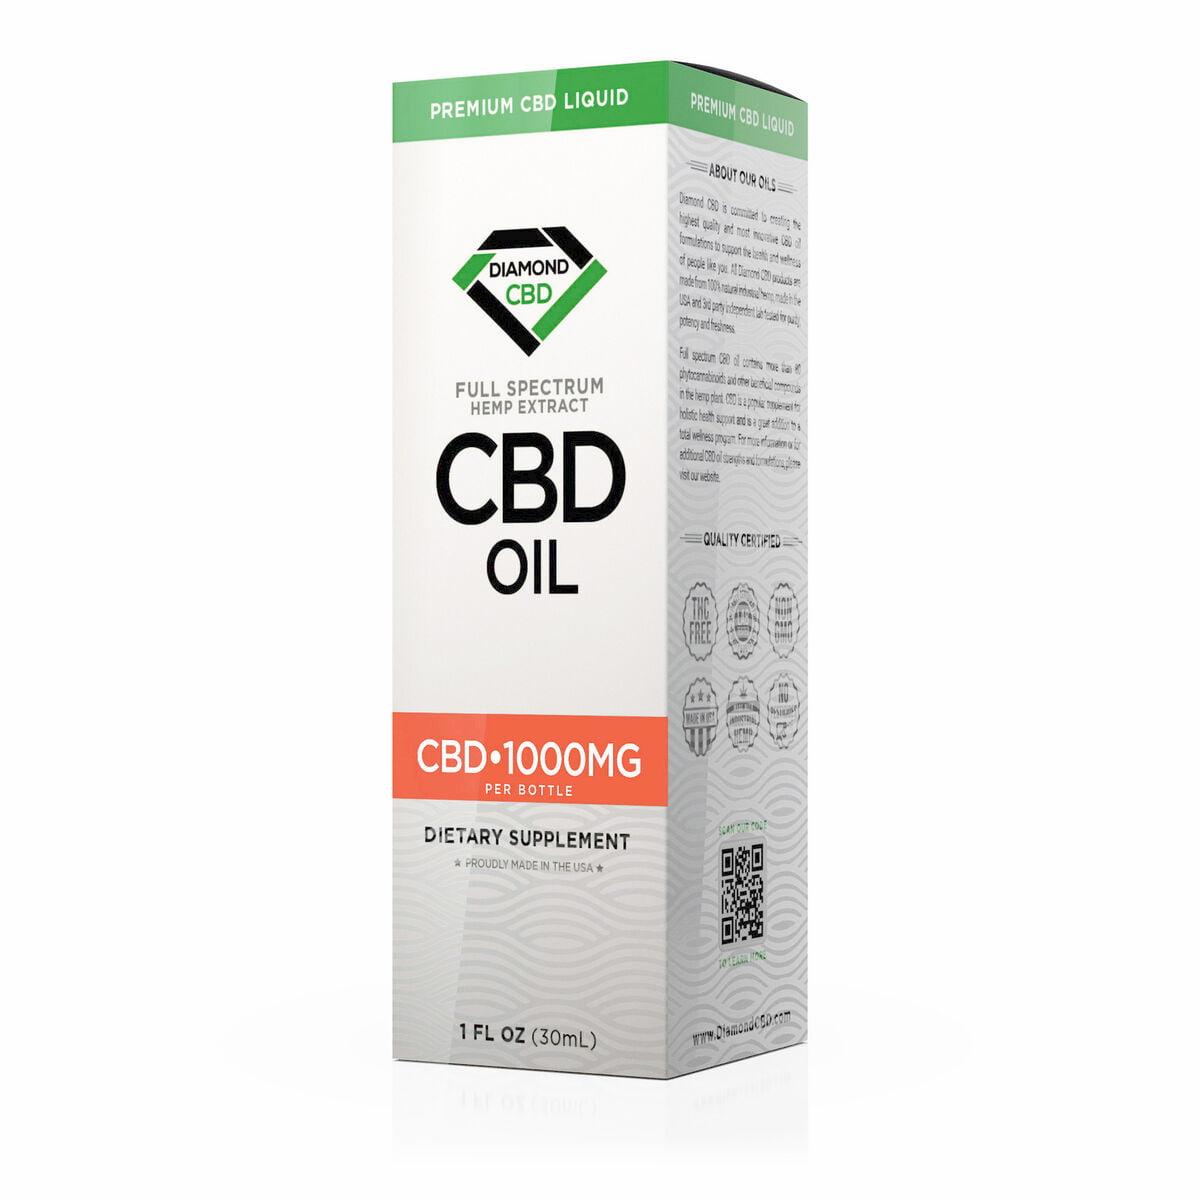 Diamond CBD, CBD Oil, Unflavored, 1oz, 1000mg of CBD